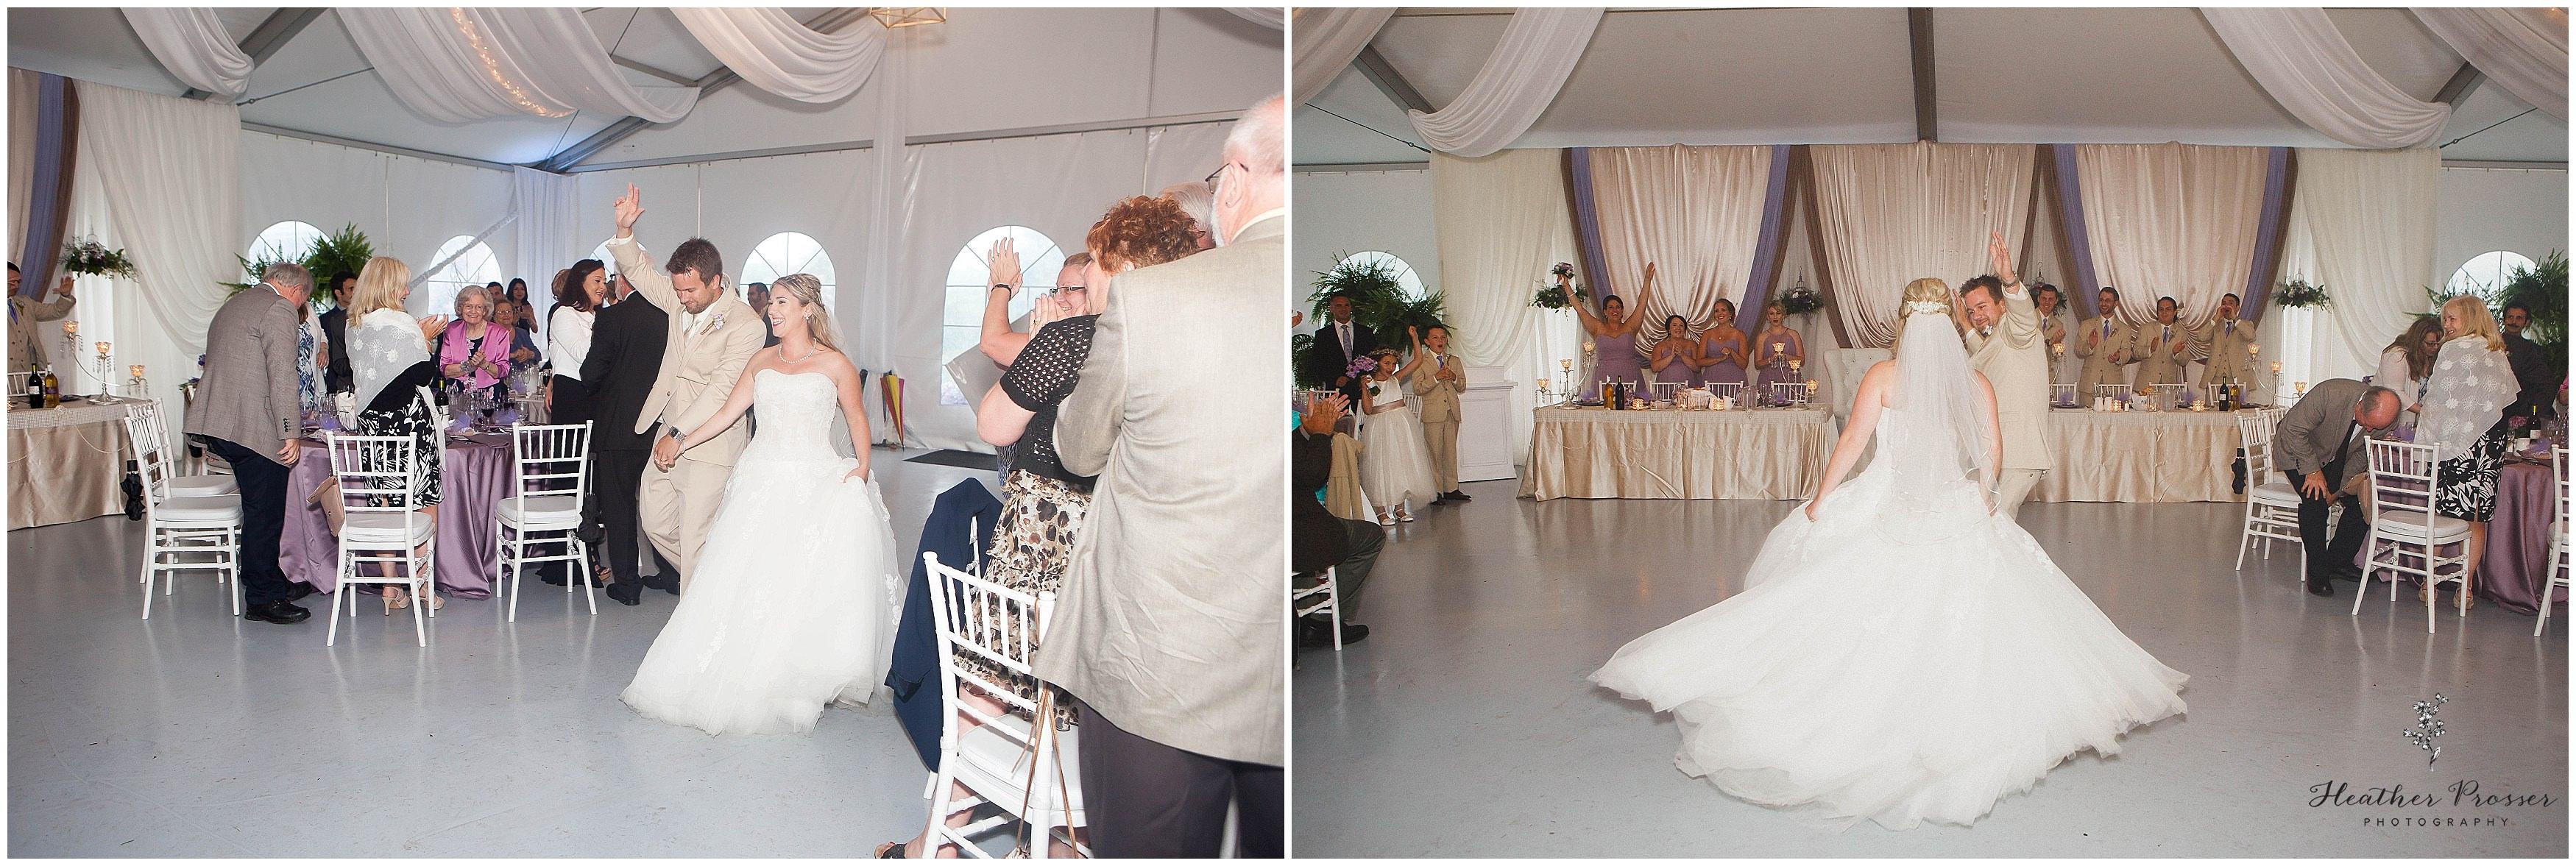 sara+kevinbloomfieldwedding_0040.jpg